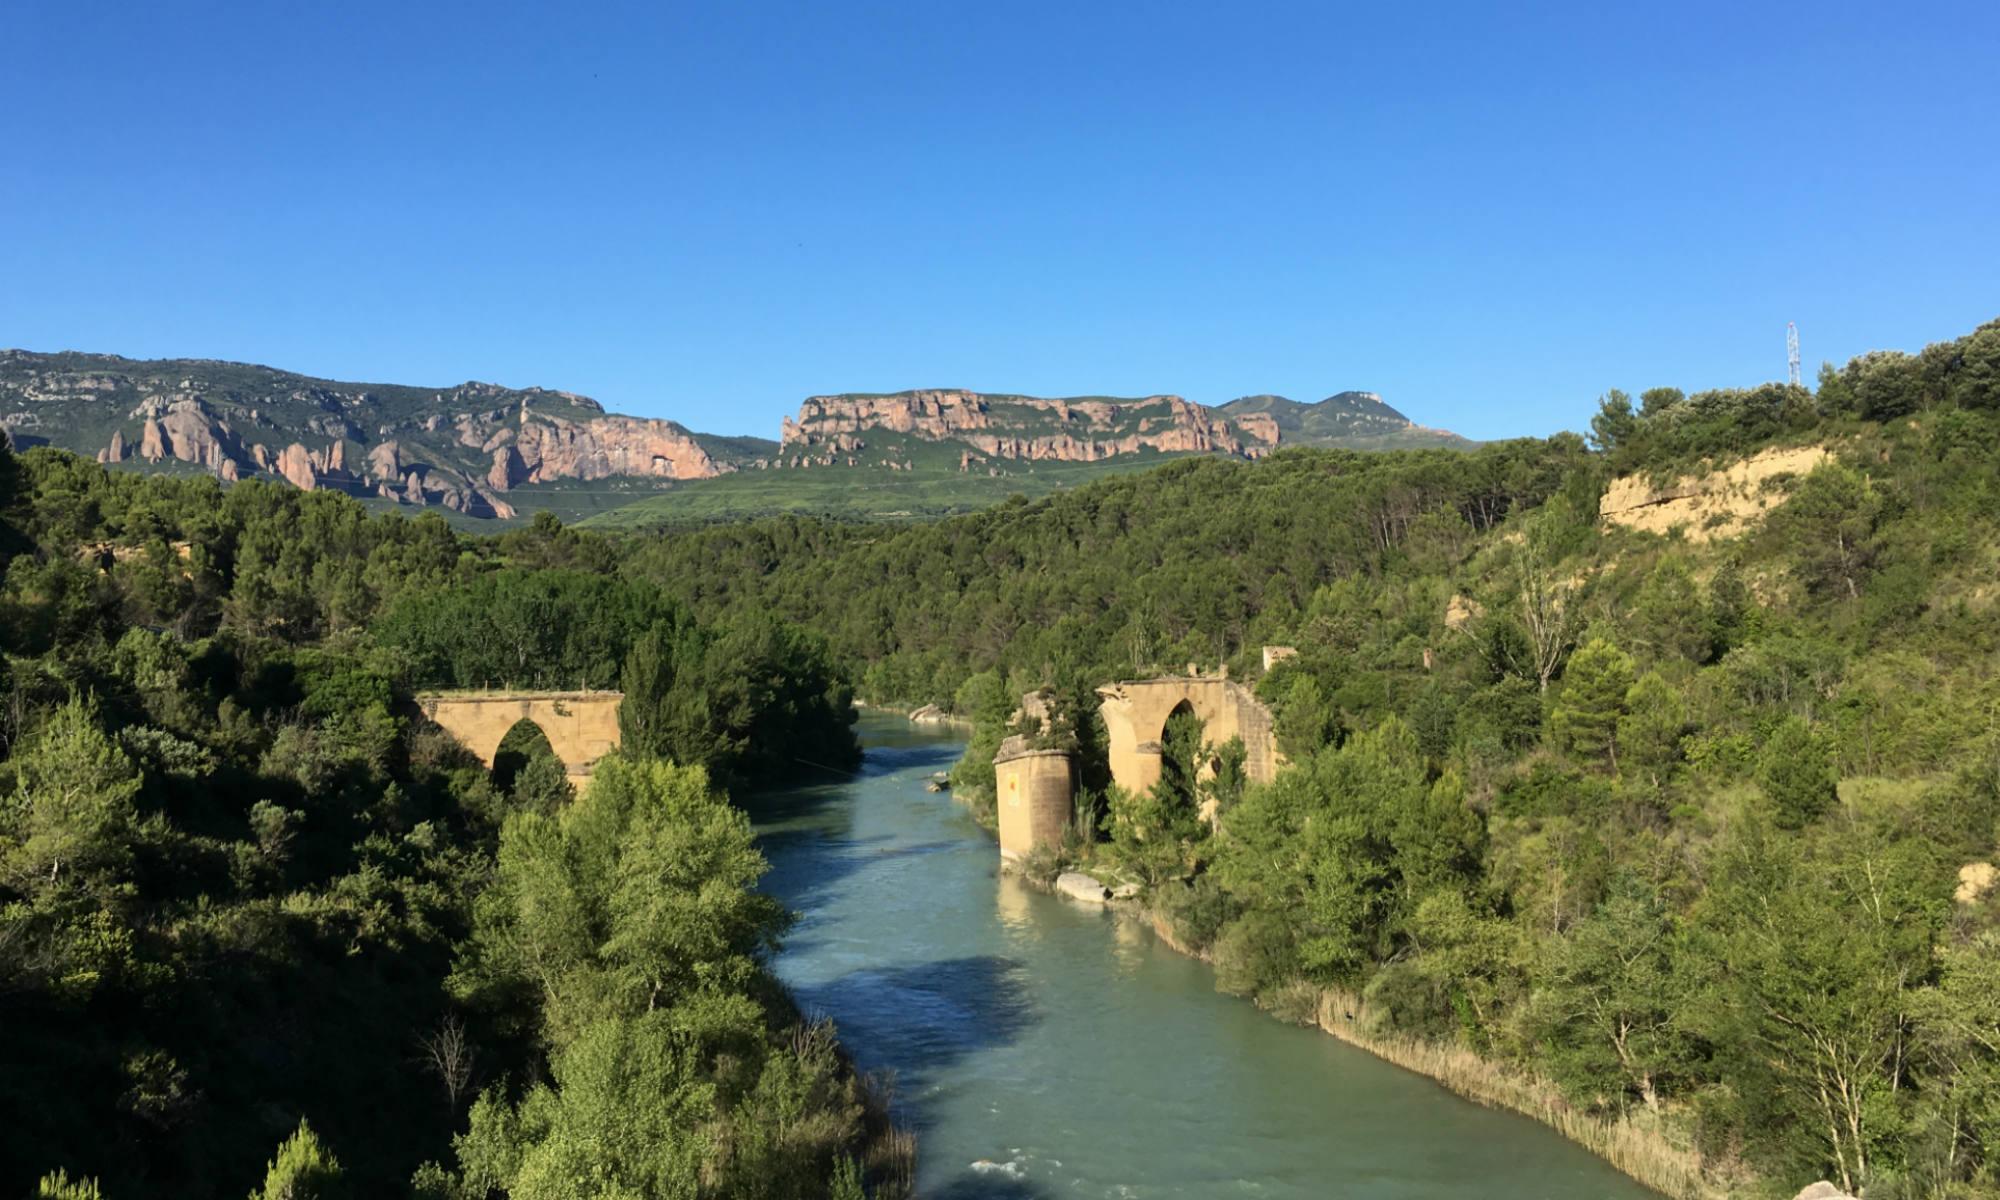 Der Fluss Río Gállego in der spanischen Provinz Aragón.